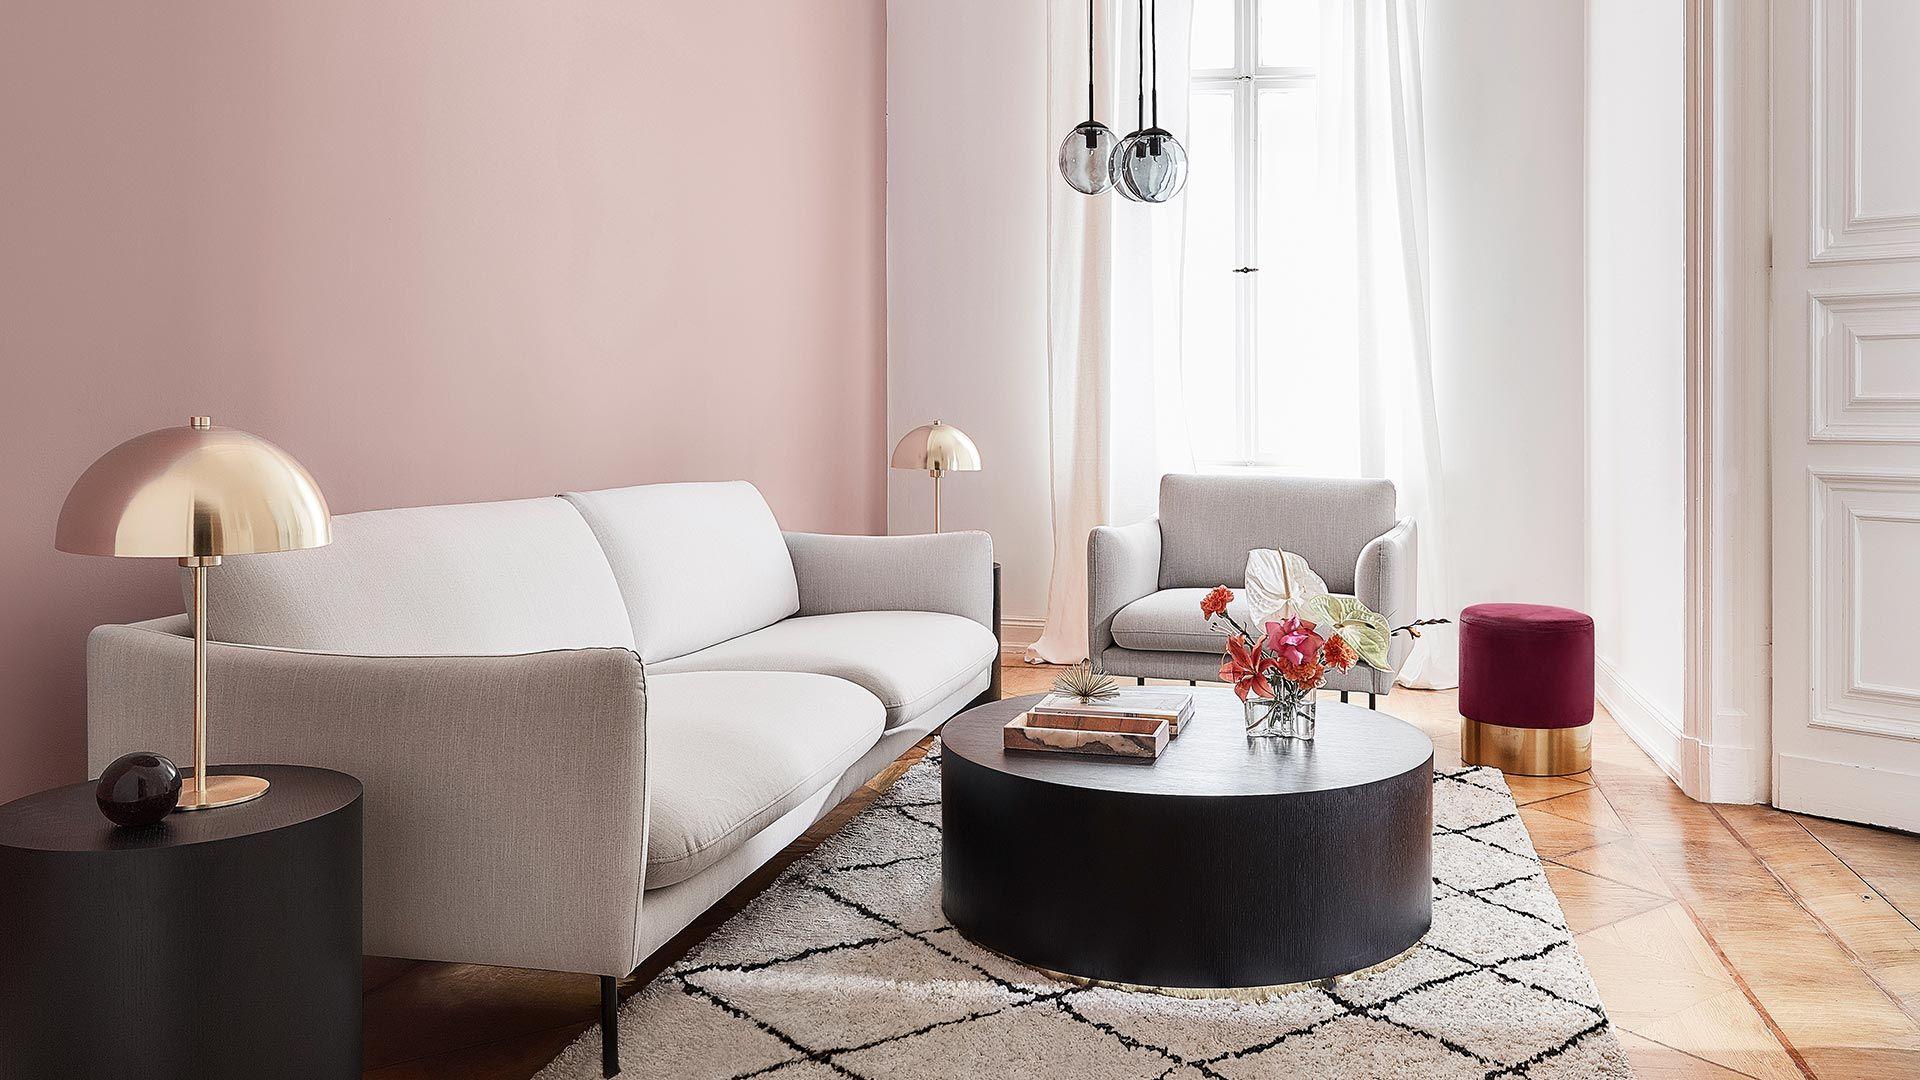 Full Size of Welche Couch Für Kleines Wohnzimmer Kleines Wohnzimmer Mit Sofa Einrichten Sofa Für Kleines Wohnzimmer Sofas Für Kleines Wohnzimmer Wohnzimmer Sofa Kleines Wohnzimmer